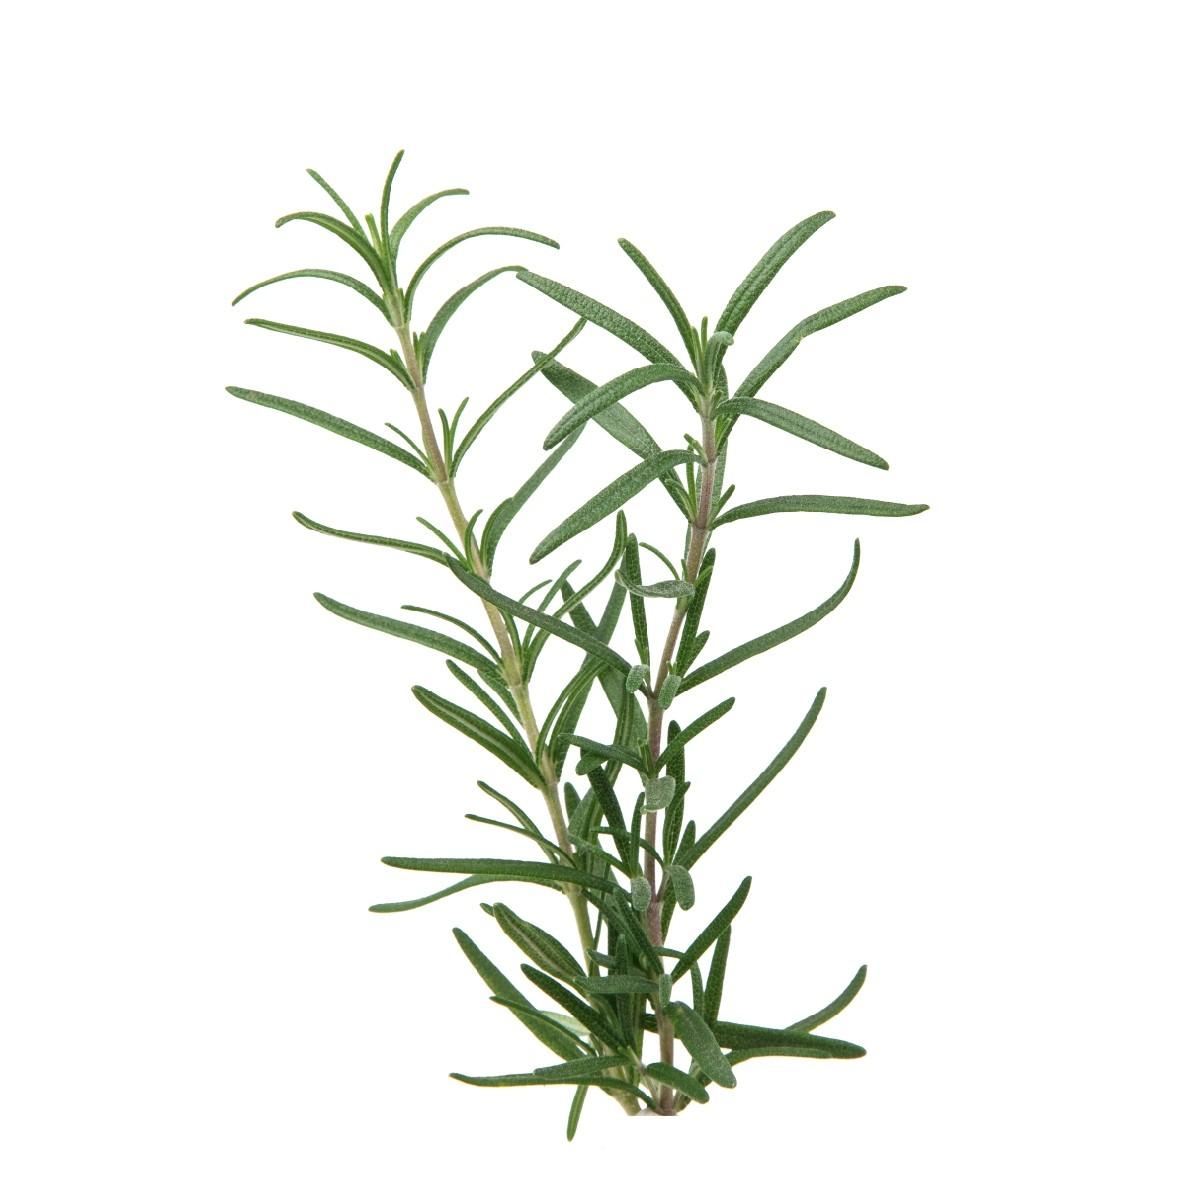 Sementes para plantar Alecrim em vasos autoirrigáveis RAIZ  - Vasos Raiz Loja Oficial